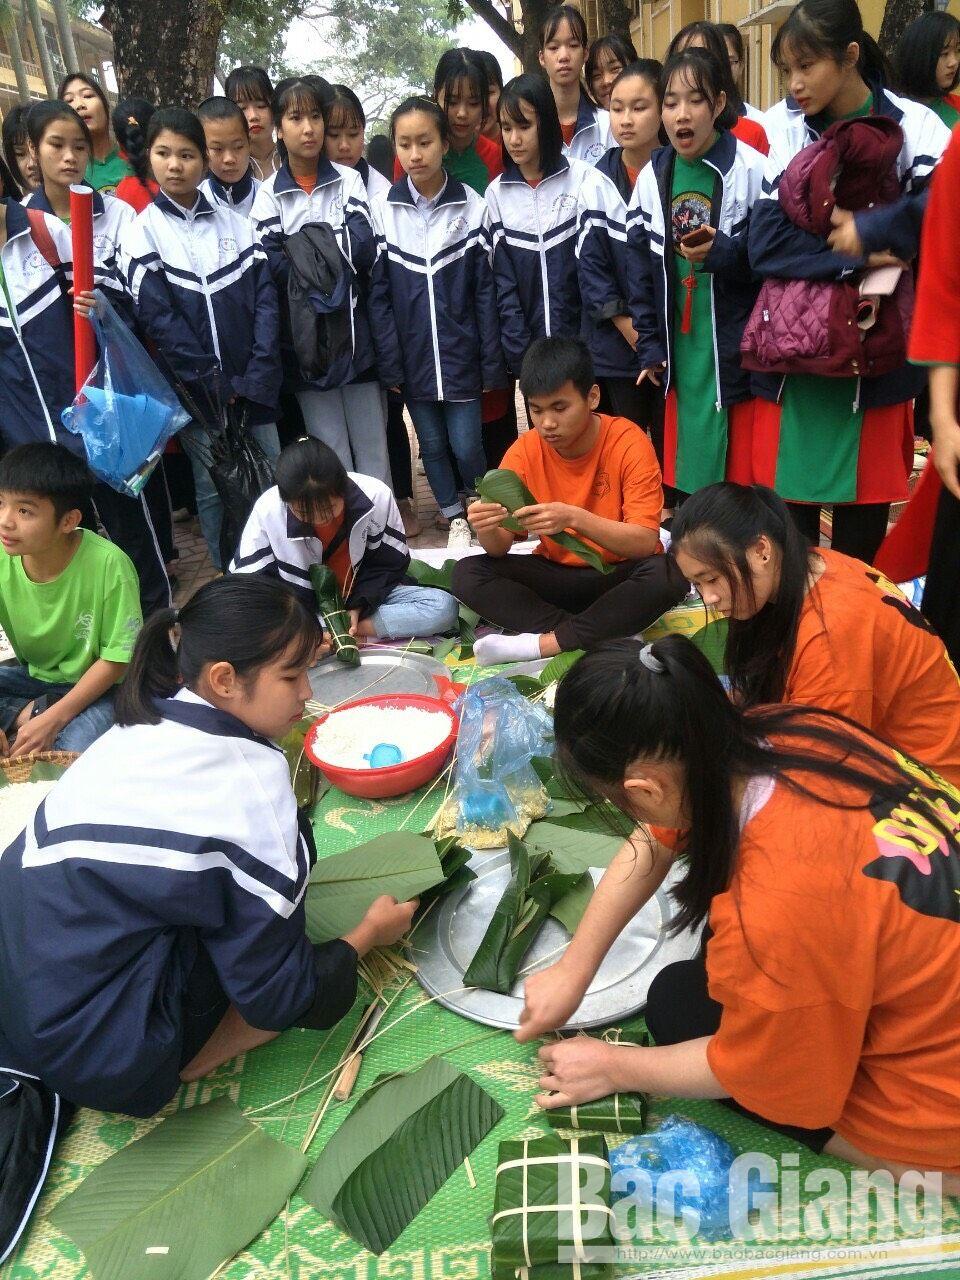 Bắc Giang, bánh chưng xanh, học sinh Trường Tiểu học Dĩnh Kế gói bánh chưng